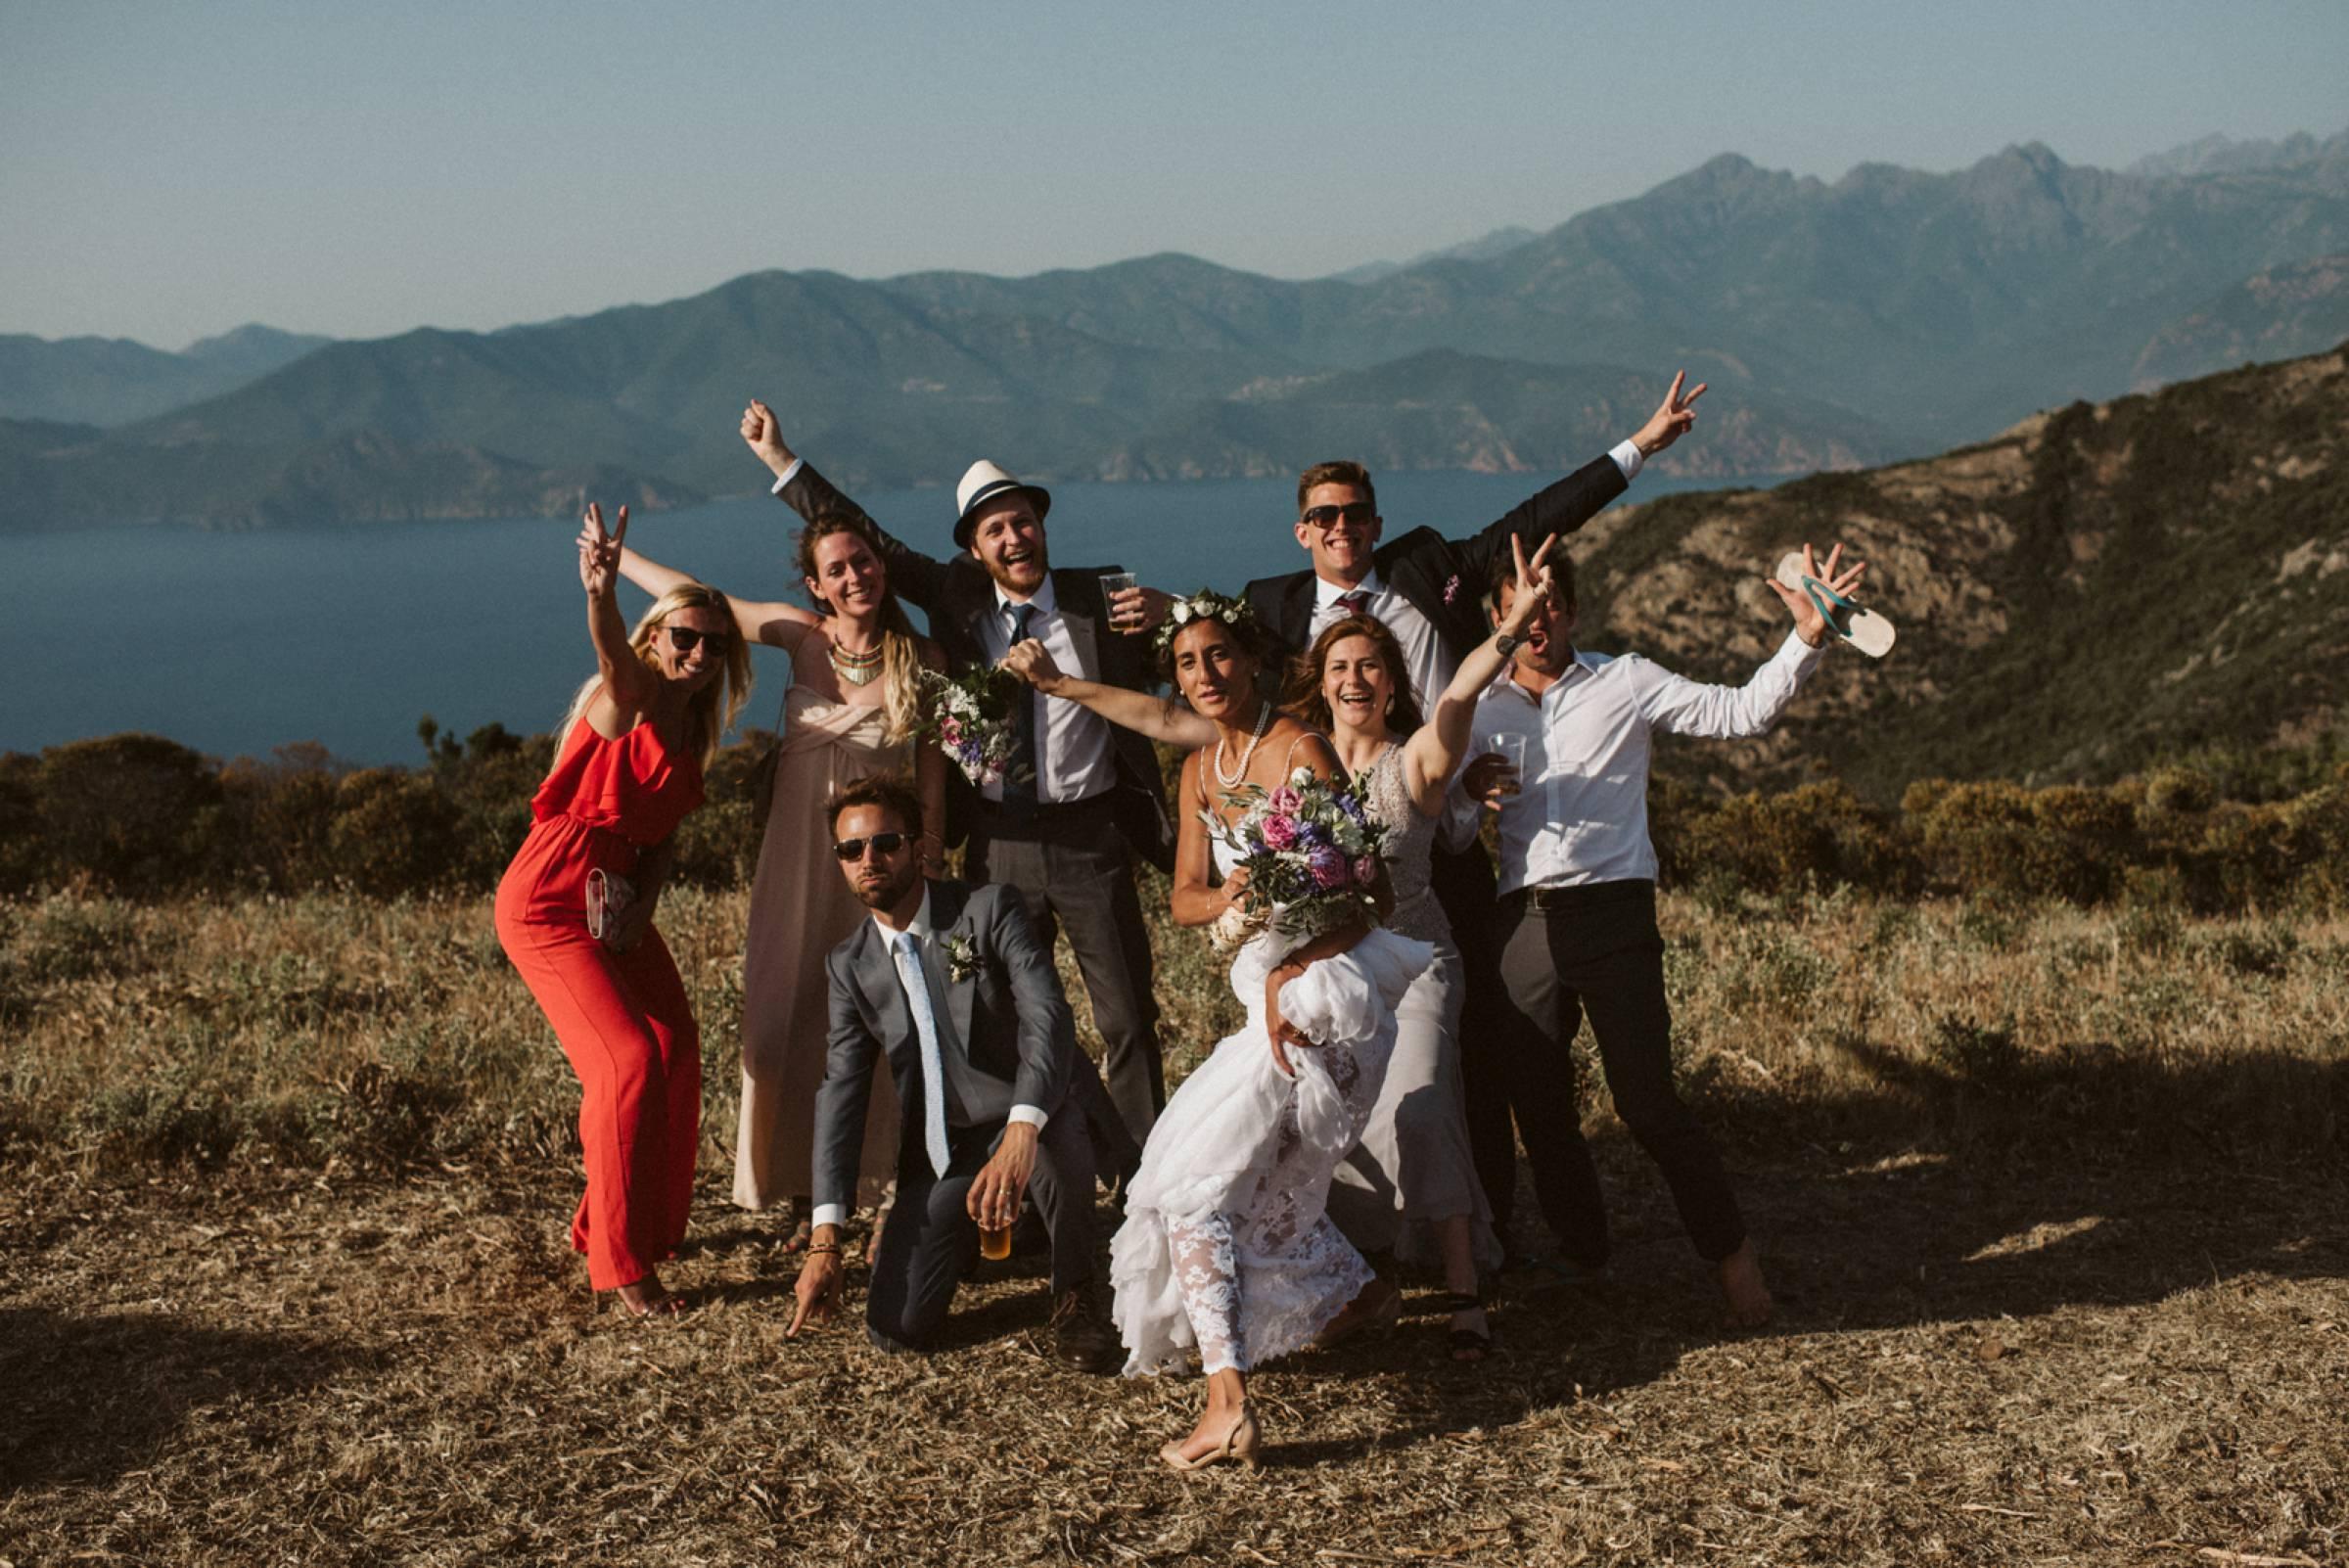 Lustiges Gruppenbild in einer herrlichen Landschaft